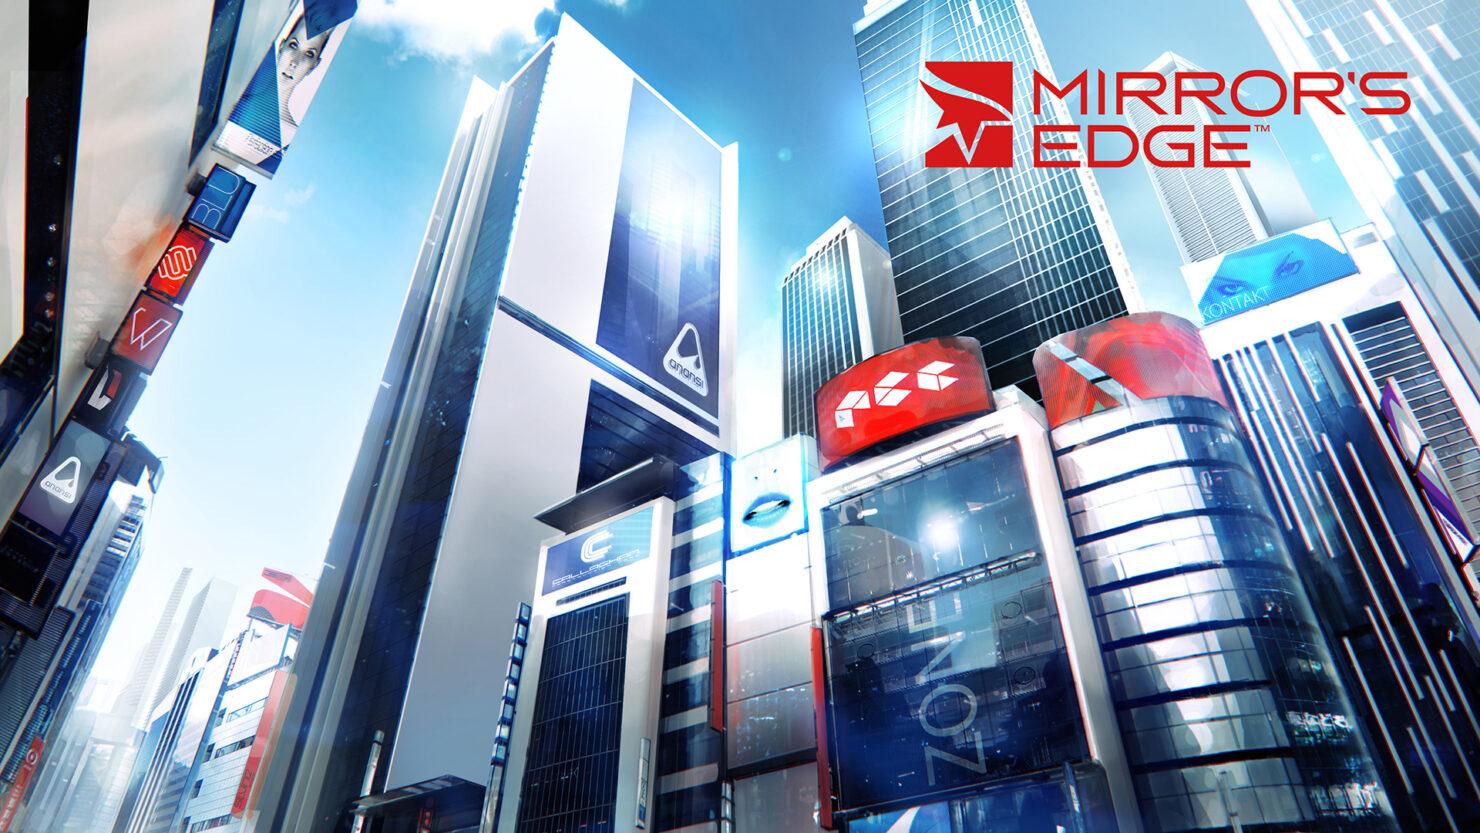 mirrors-edge-downtown